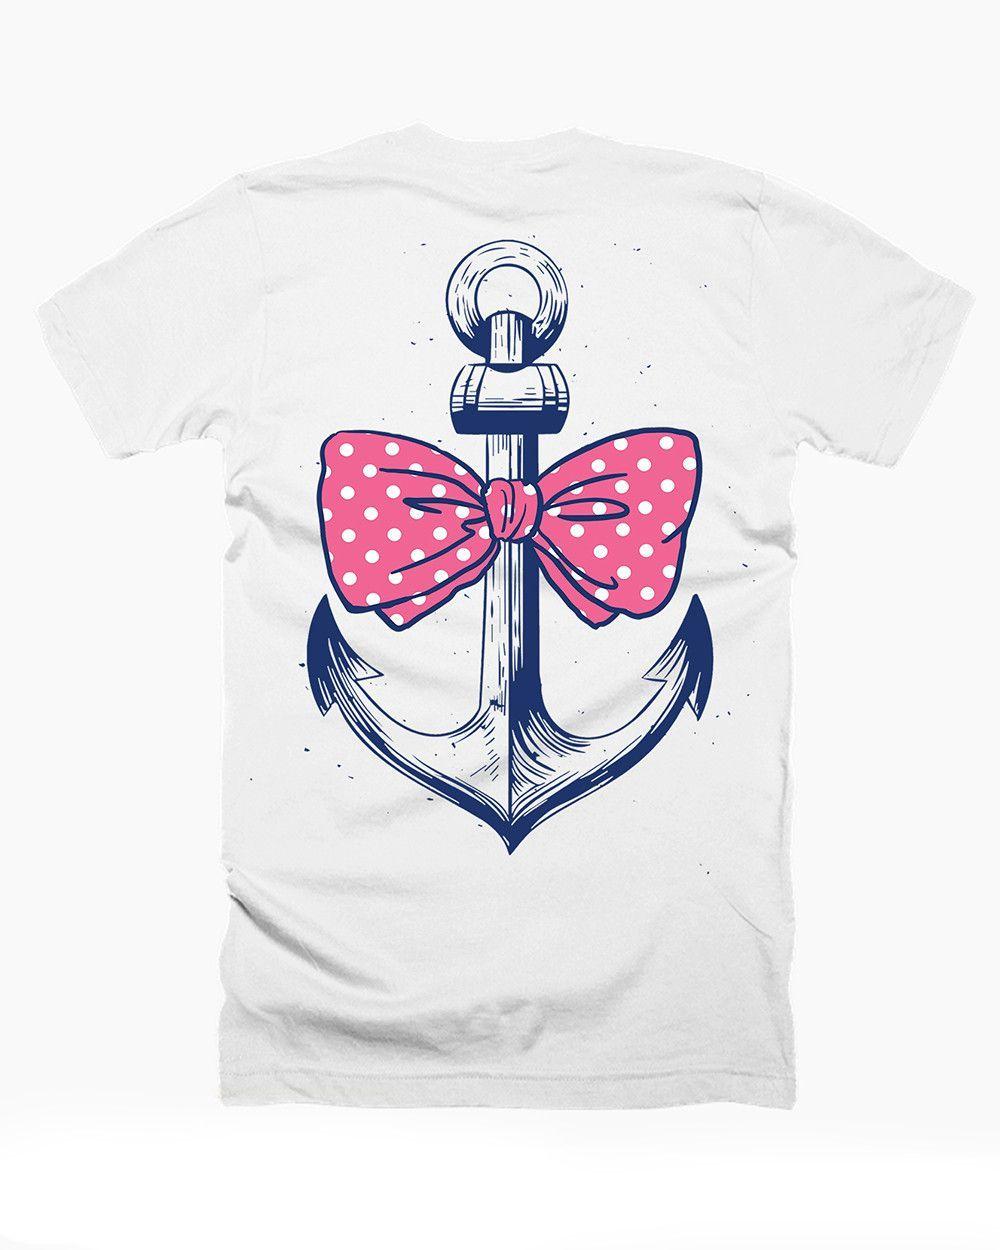 American Outfitters Girls T-shirt Butterflies